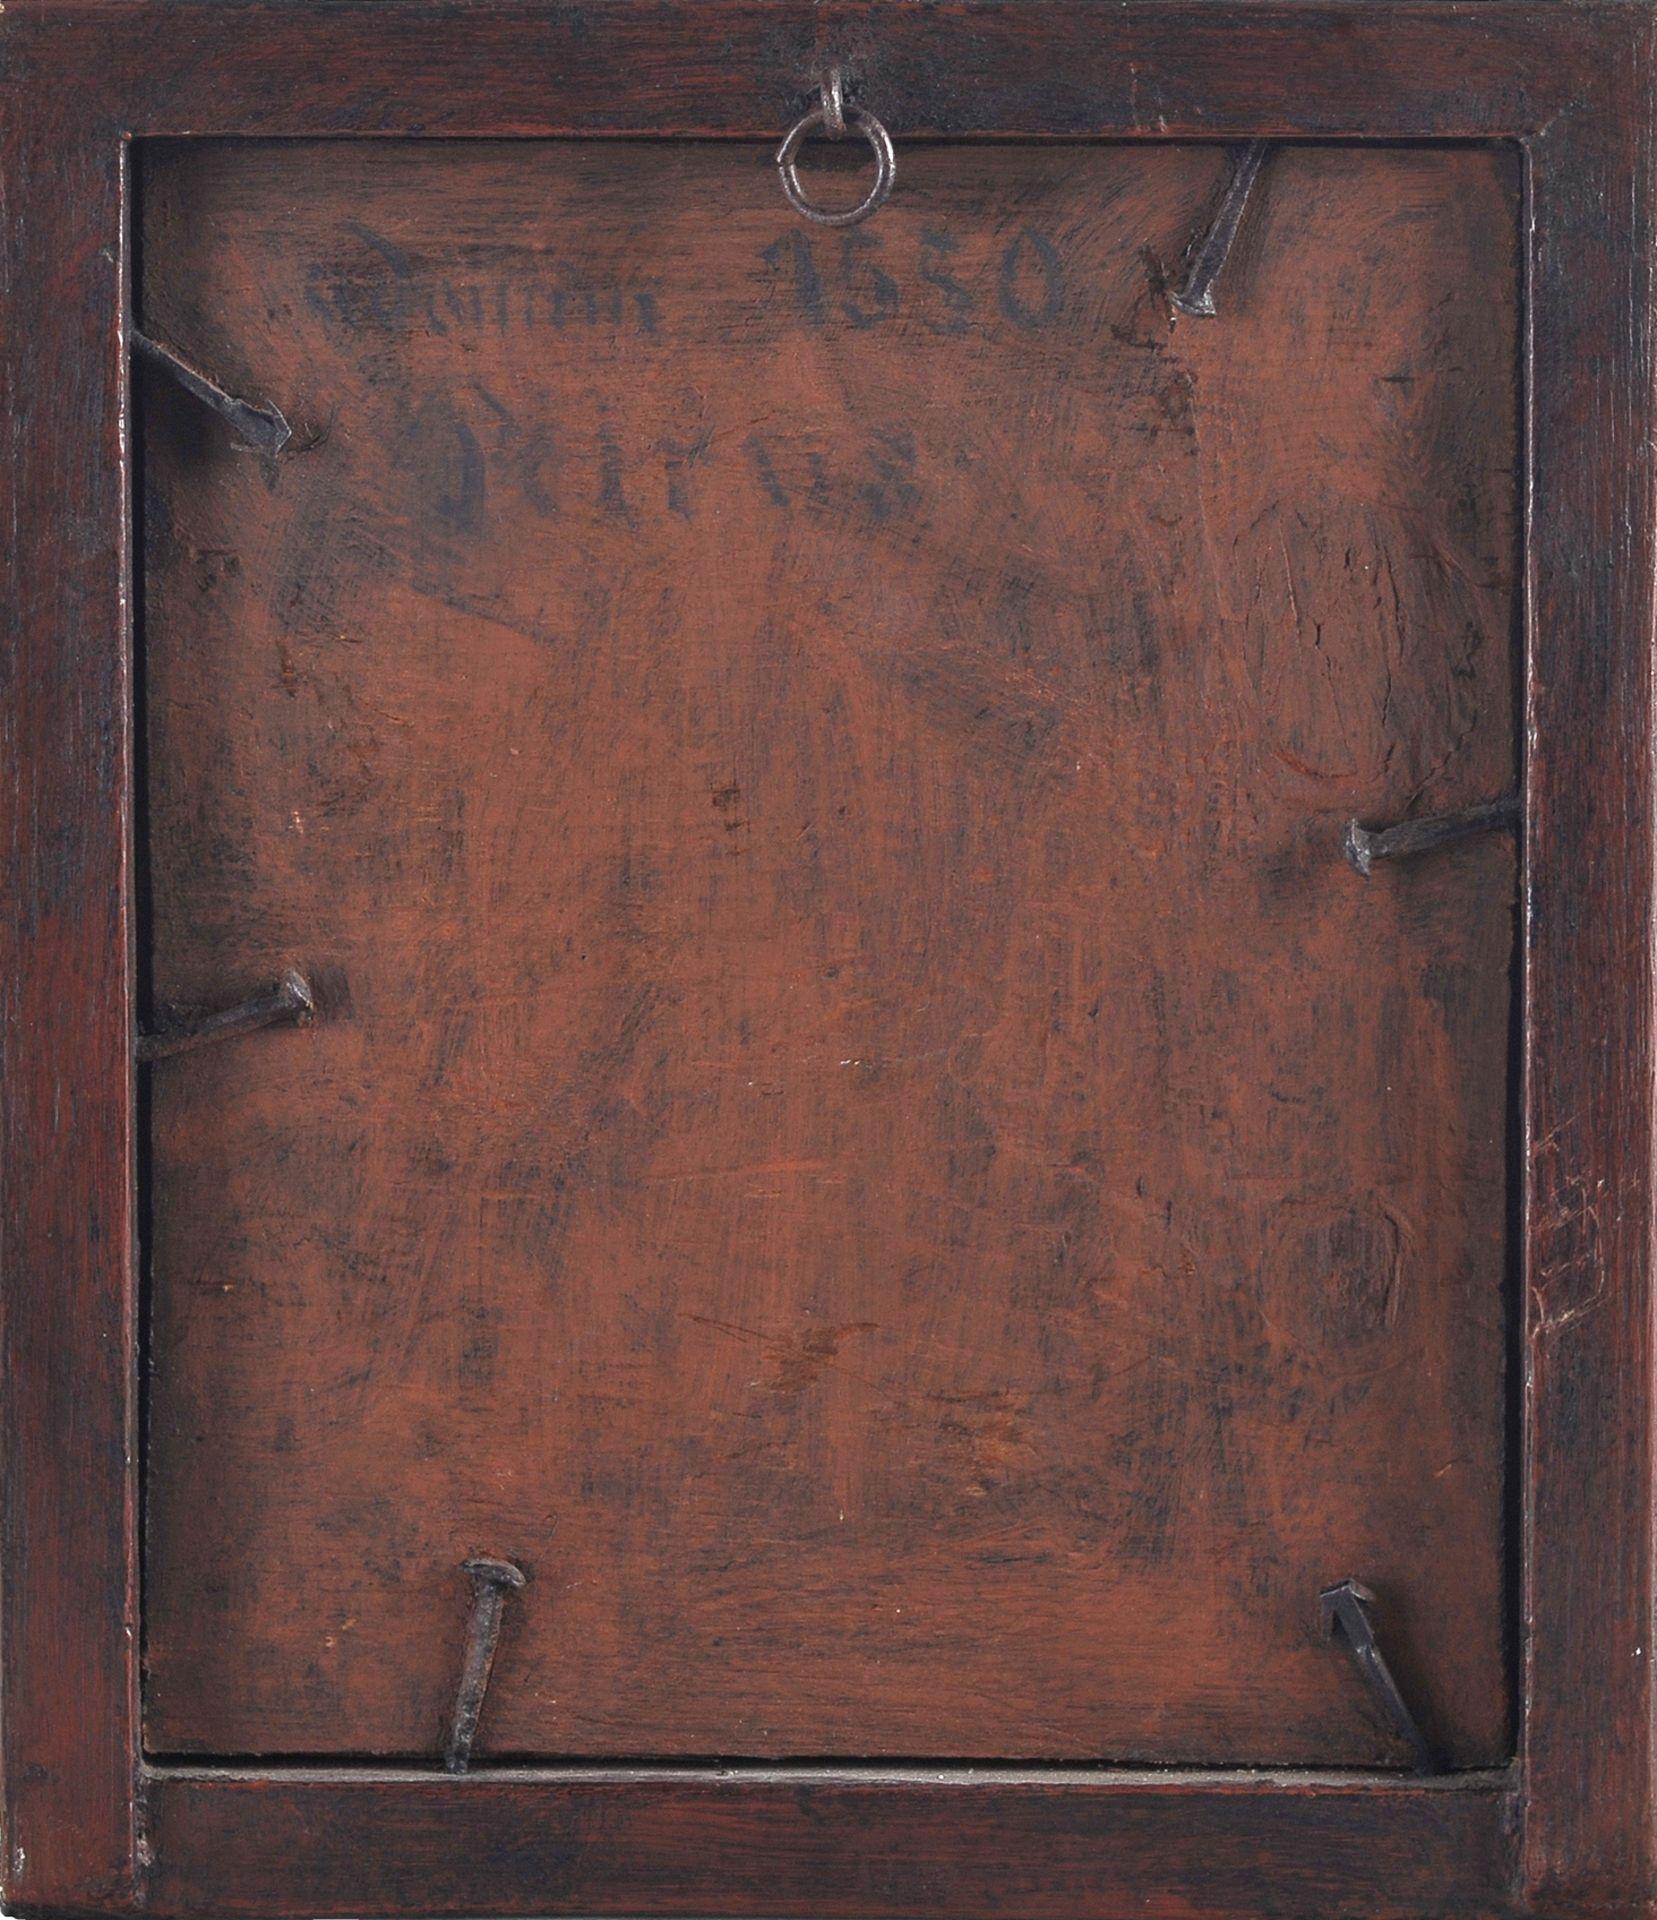 Heiliger Petrus, Holz Relief um 1500/20 - Image 2 of 2